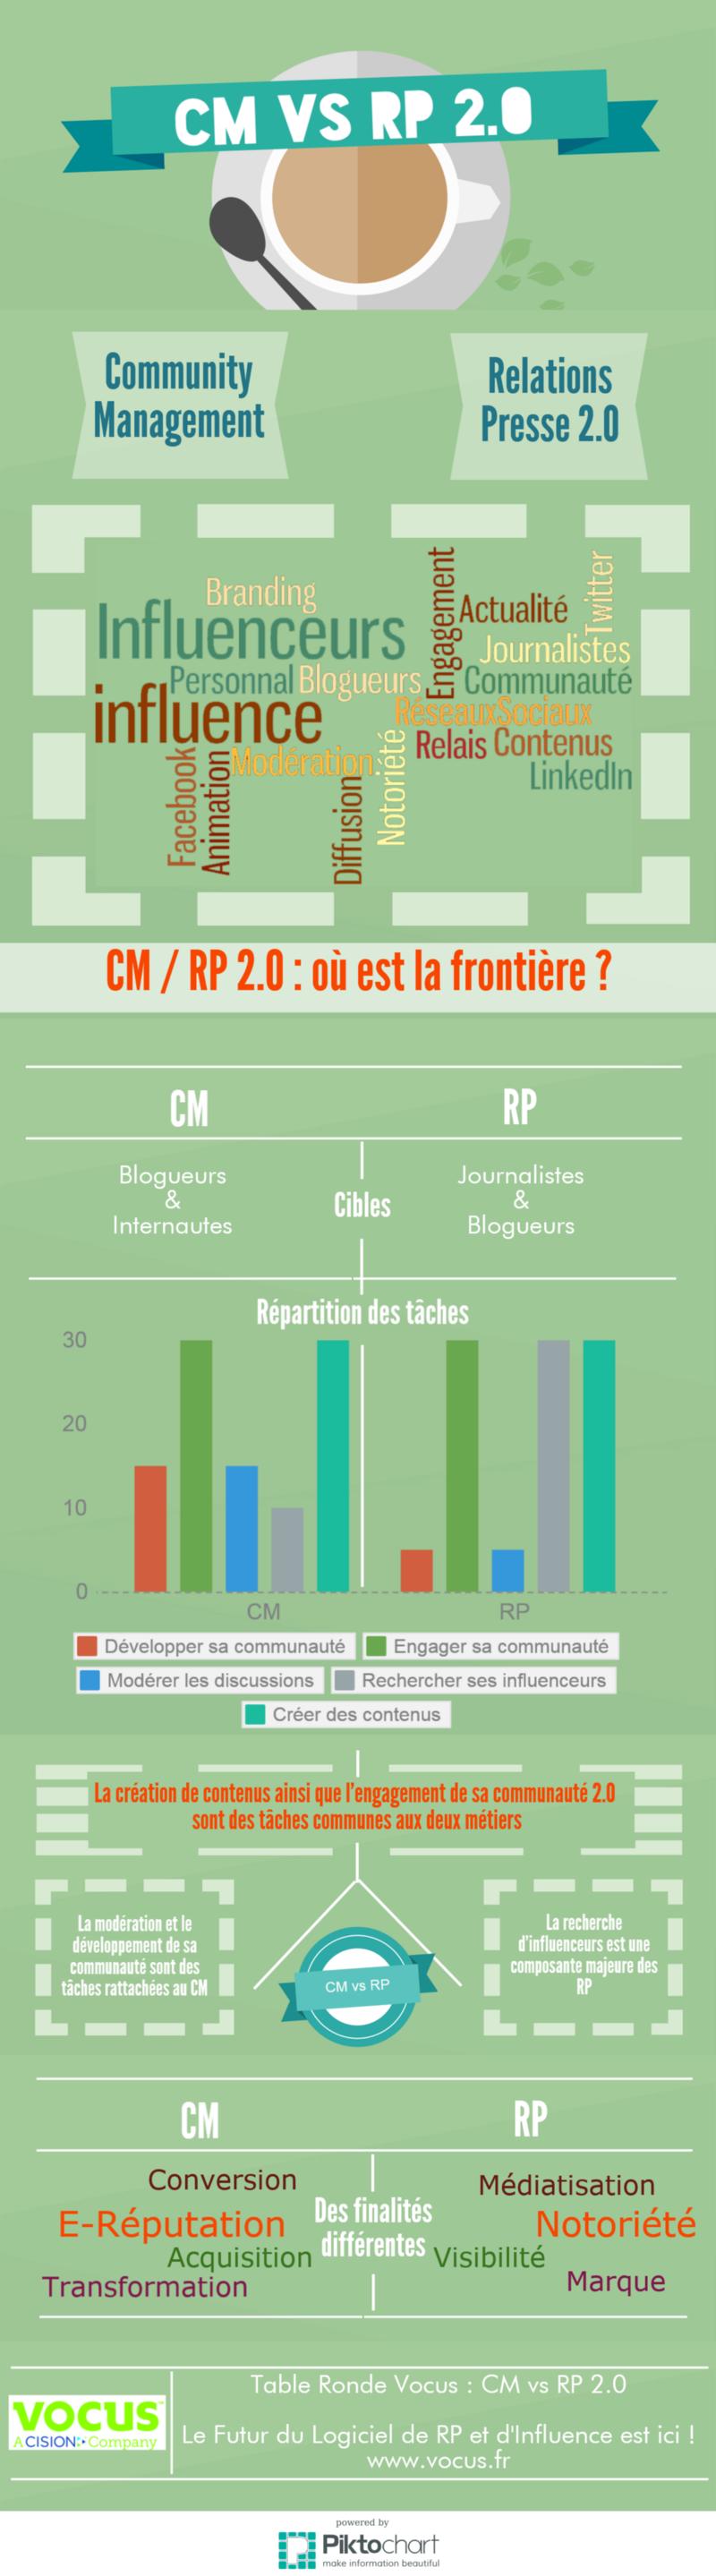 Infographie comparant un RP et un CM